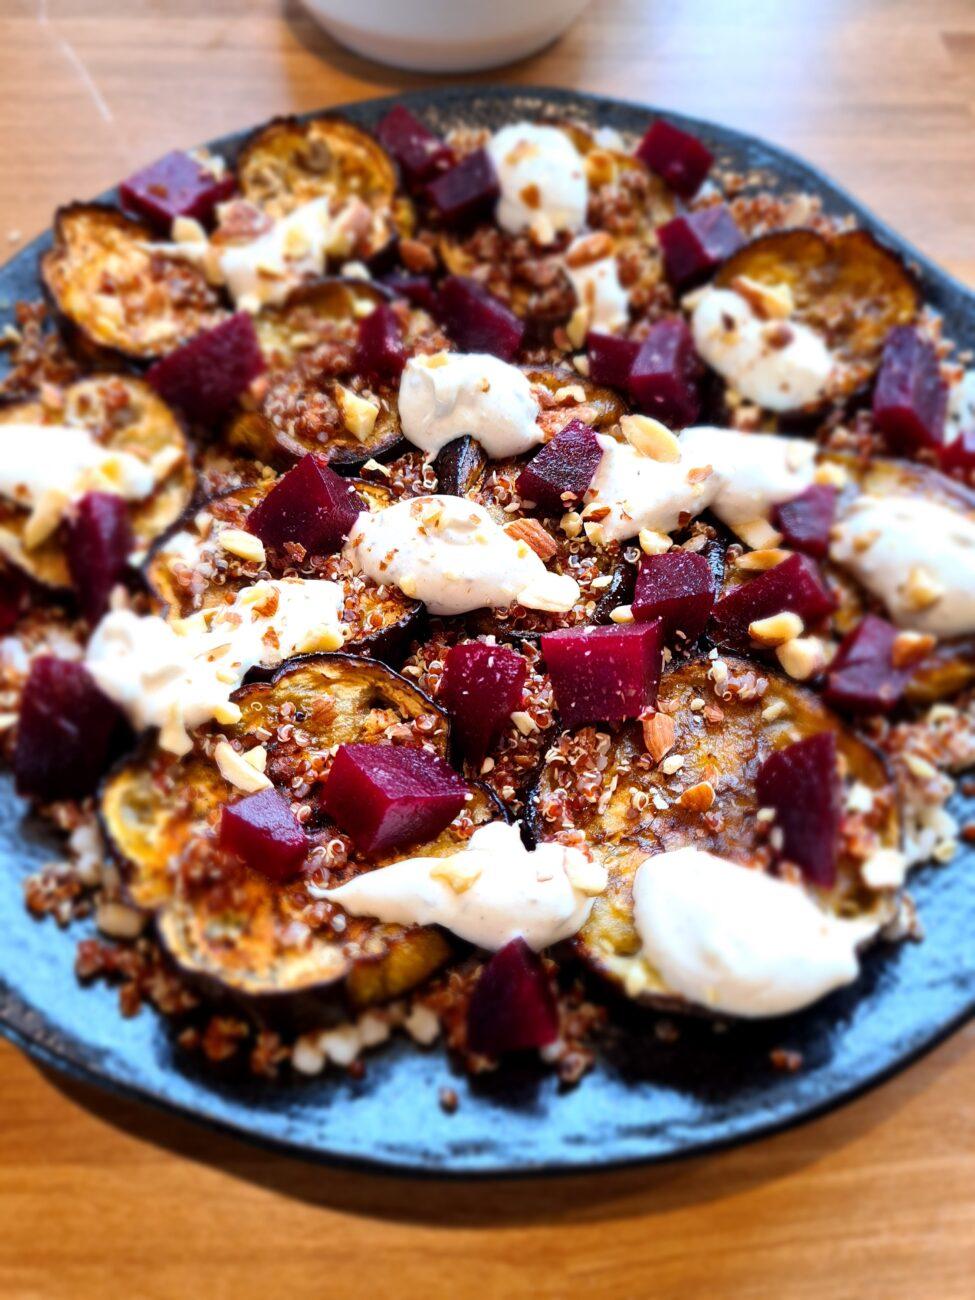 Sommersalat med aubergine og rødbet